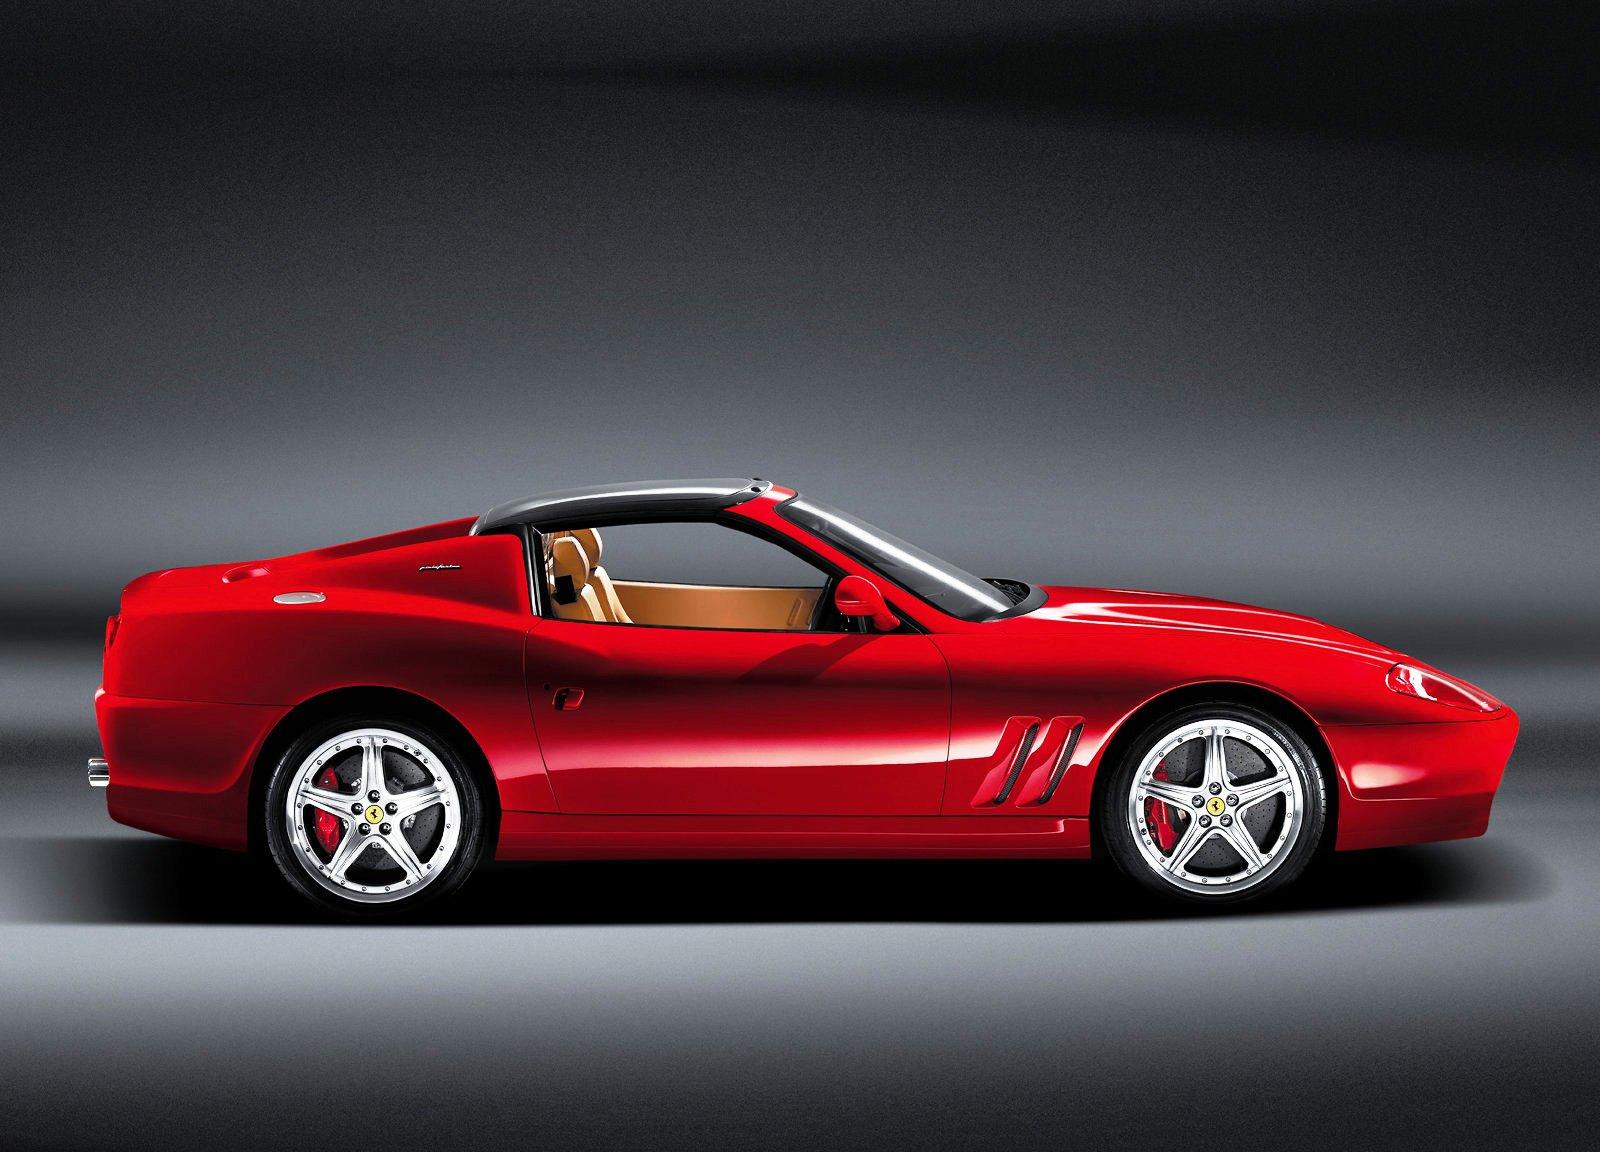 Ferrari 575M Superamerica Side View - Car Pictures, Images ...